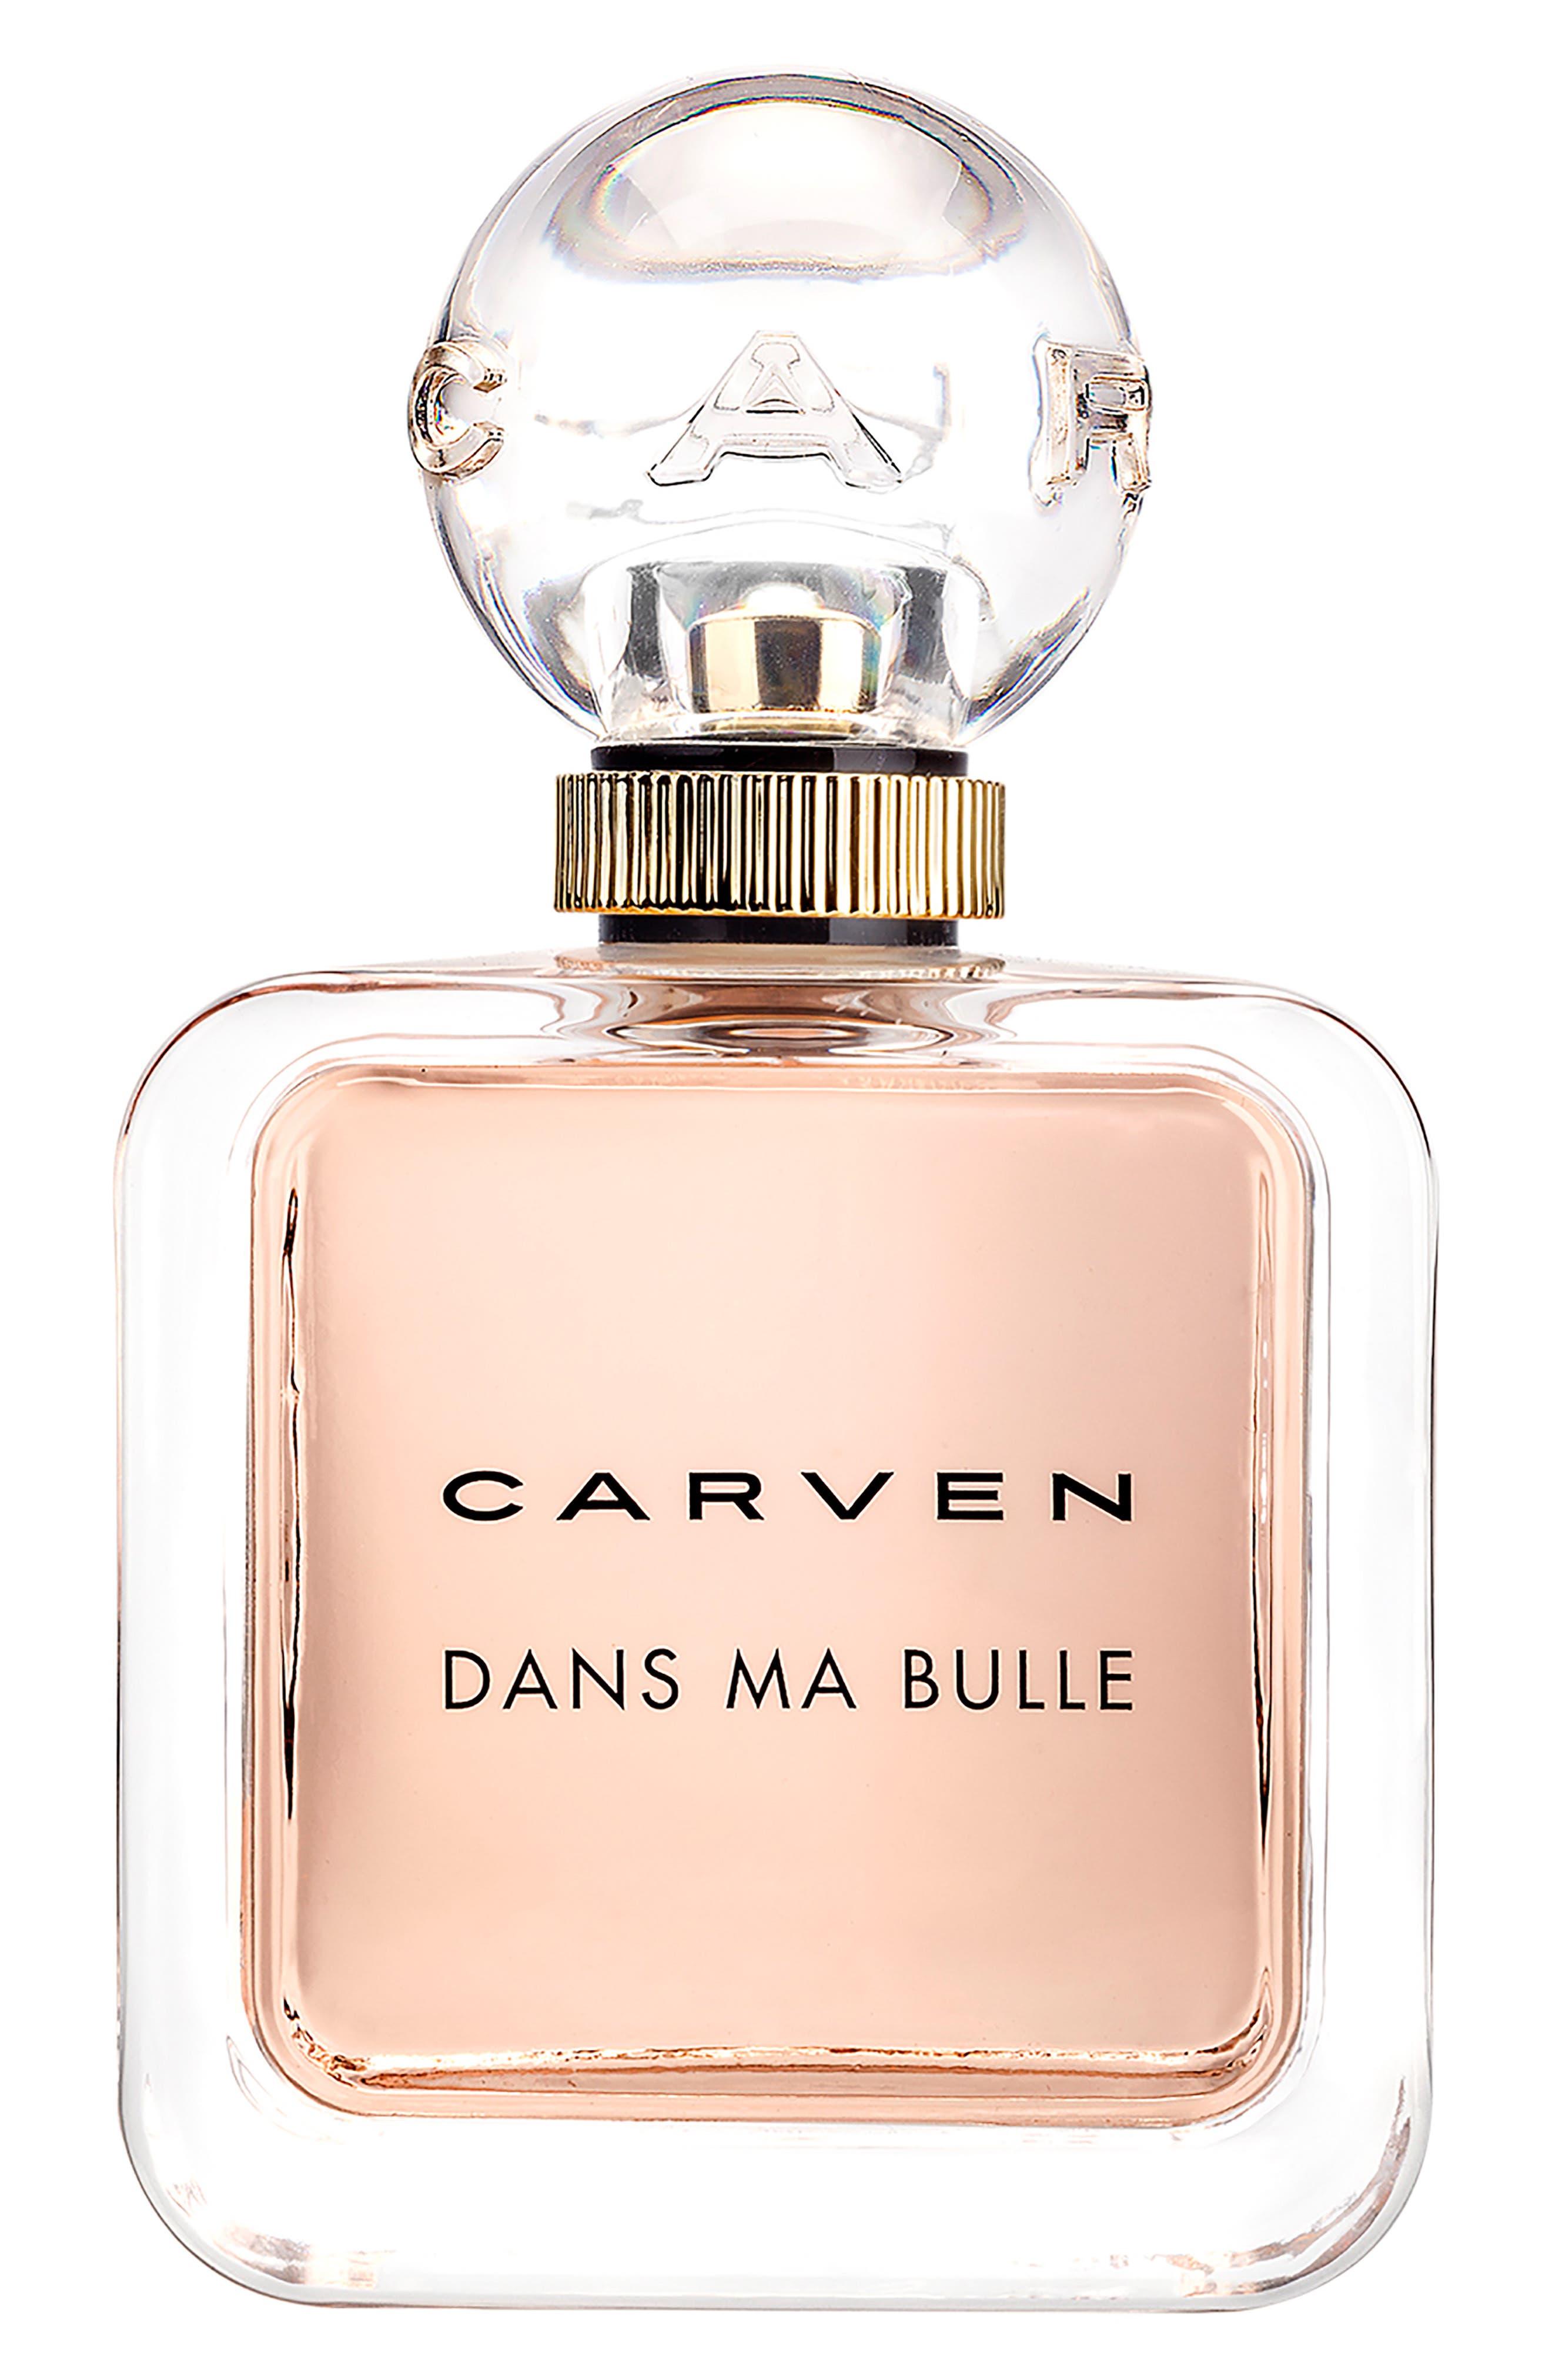 Carven Dans Ma Bulle Eau De Parfum